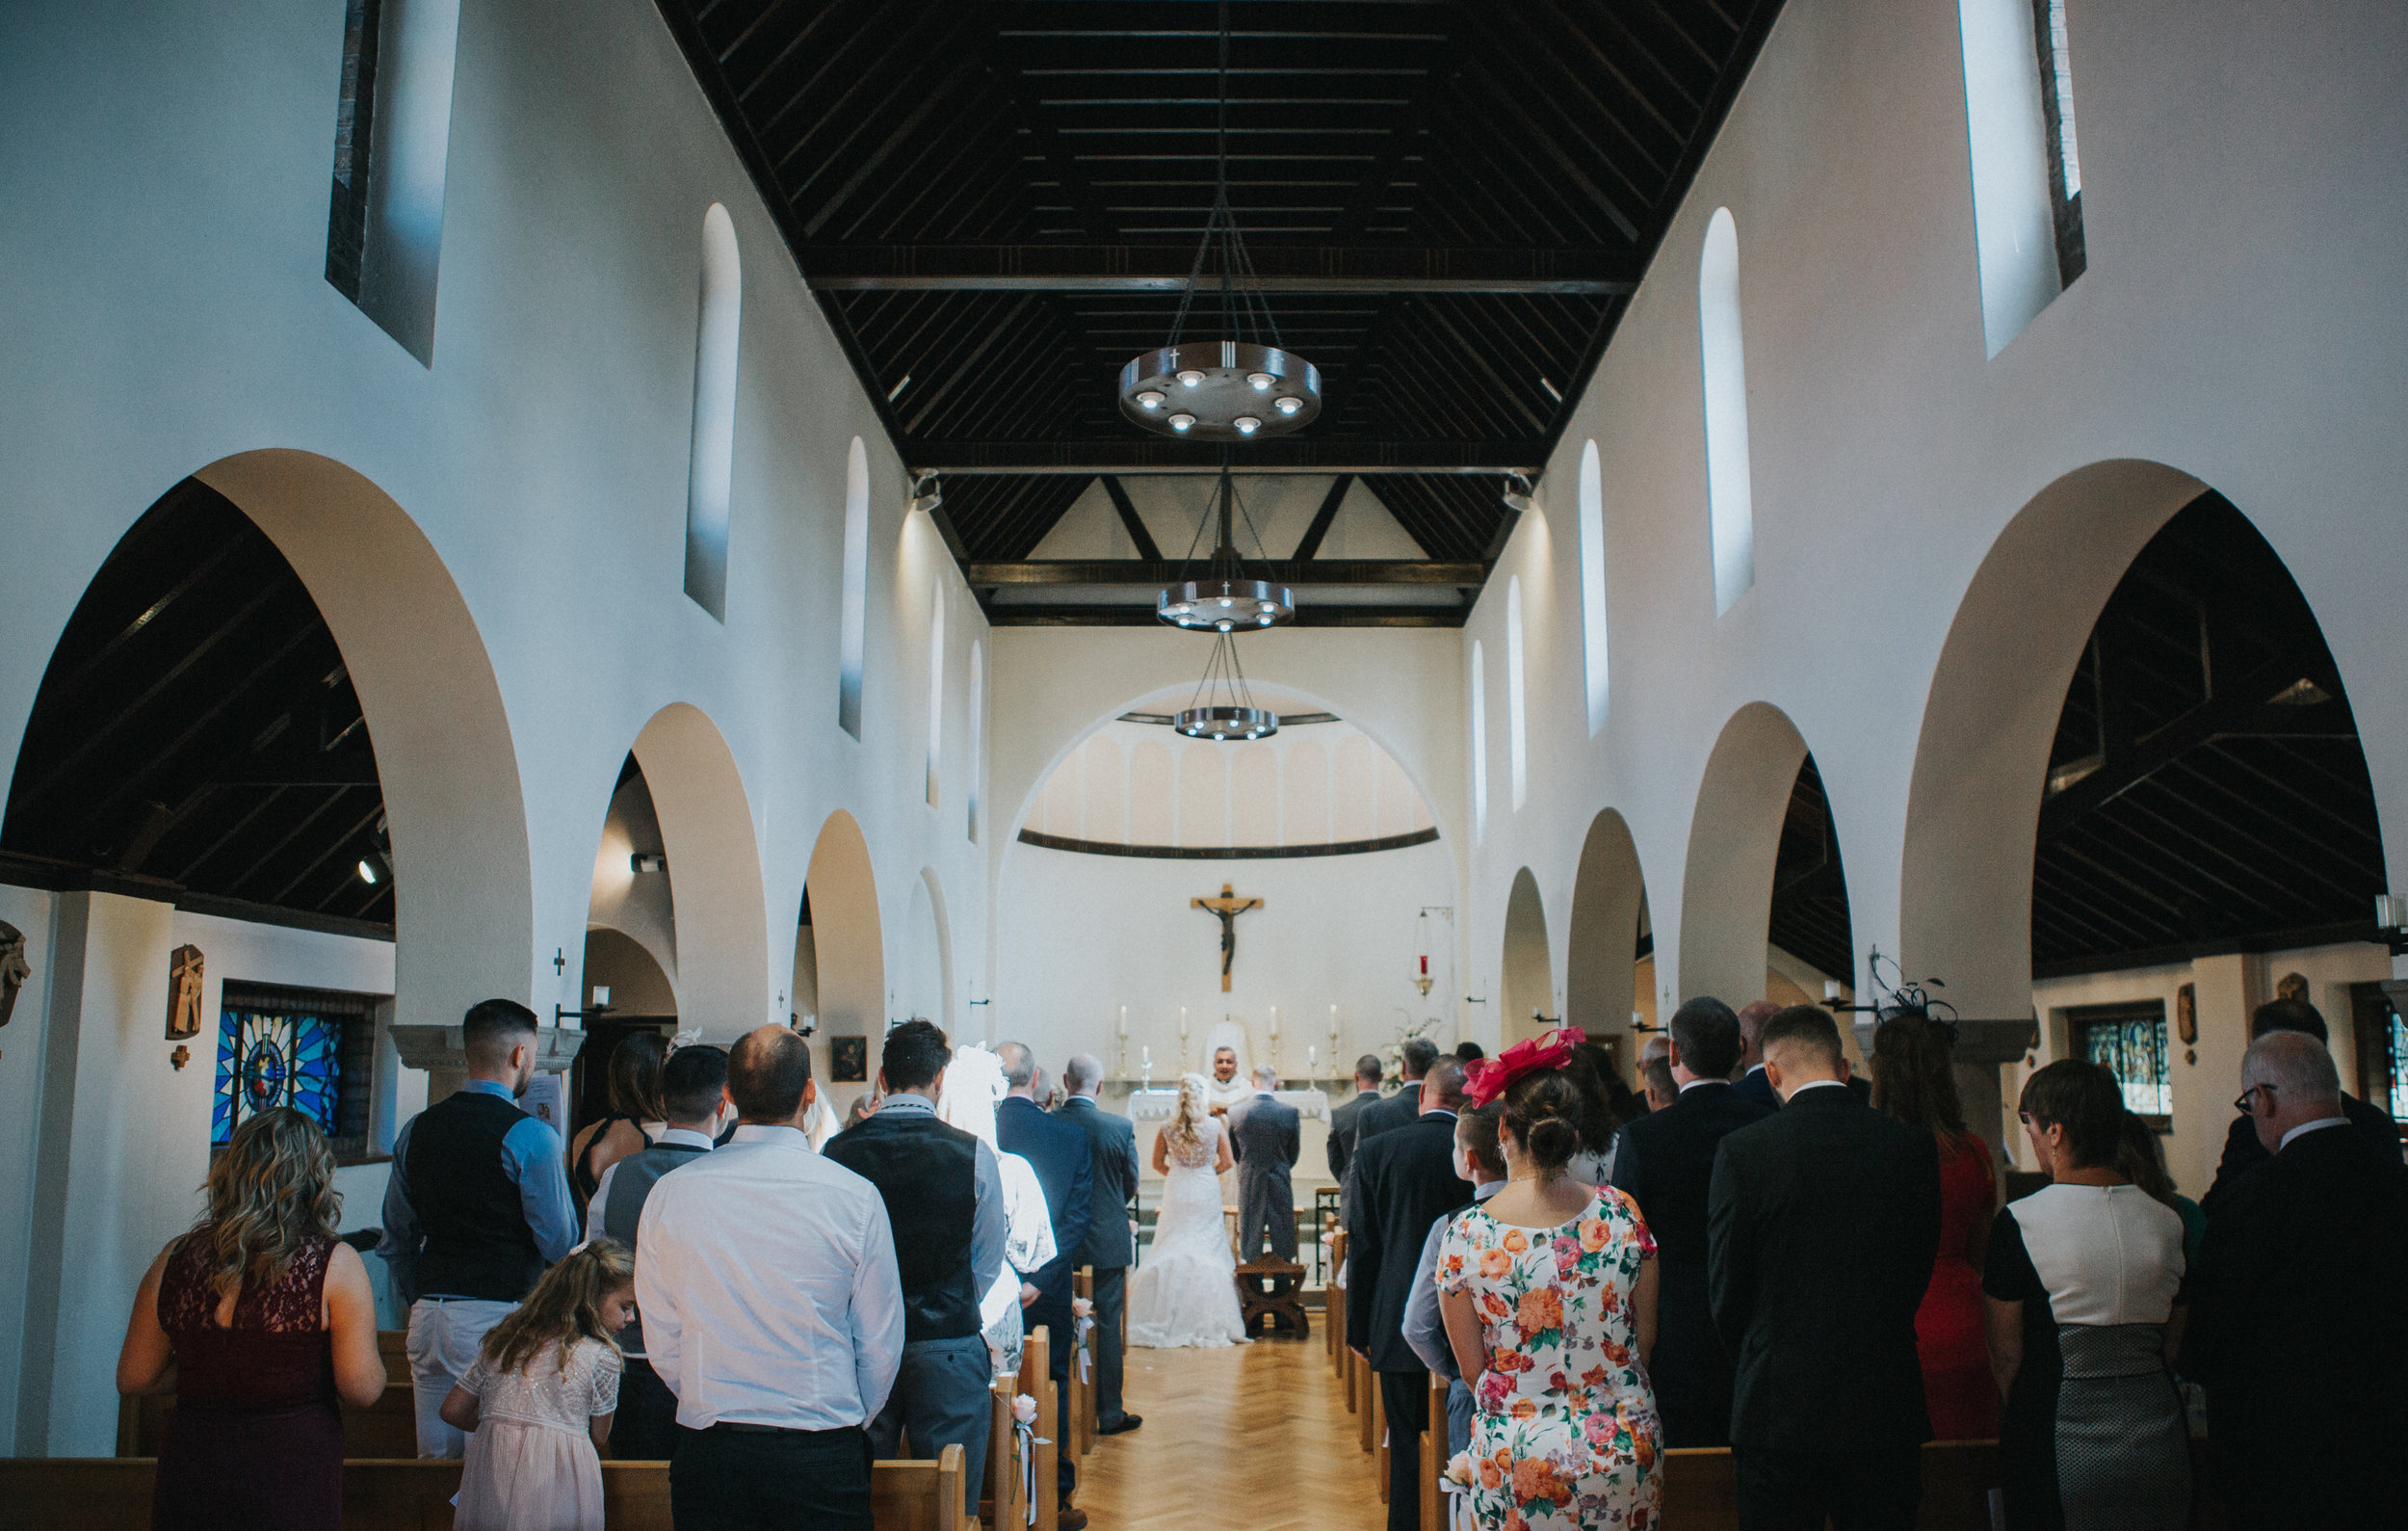 hitchin-hertfordshire-london-wedding-photography-catholic-ceremony-29